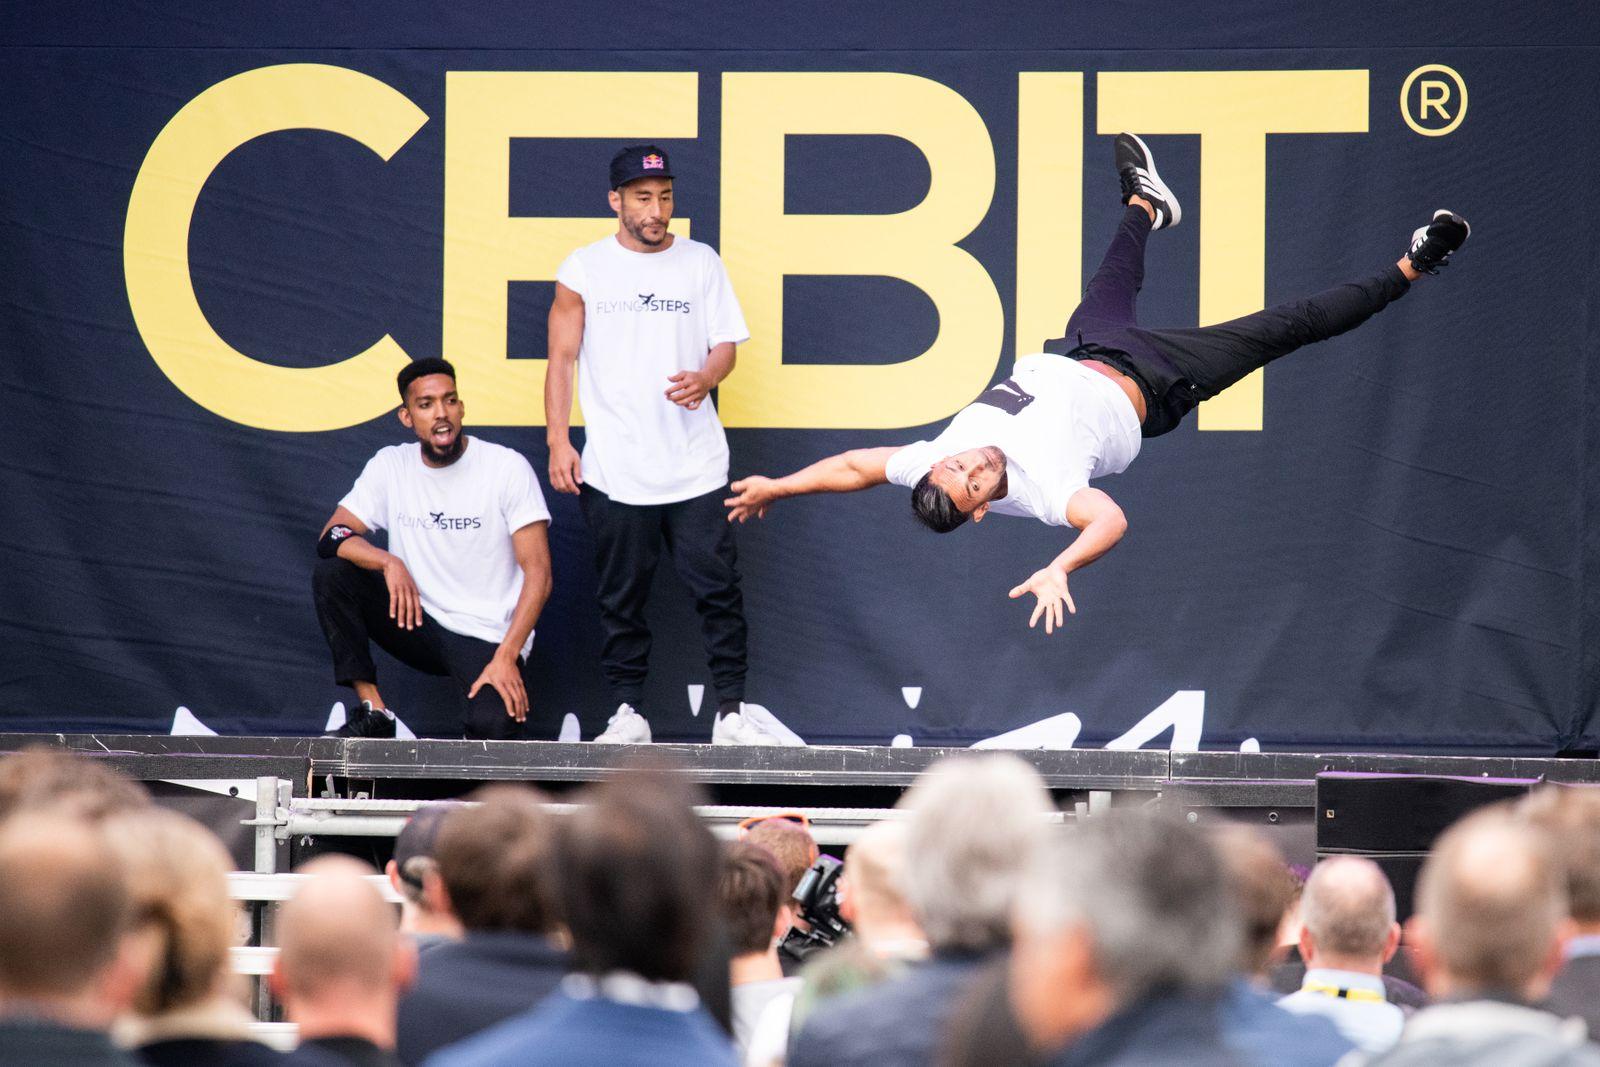 Cebit / Breakdance